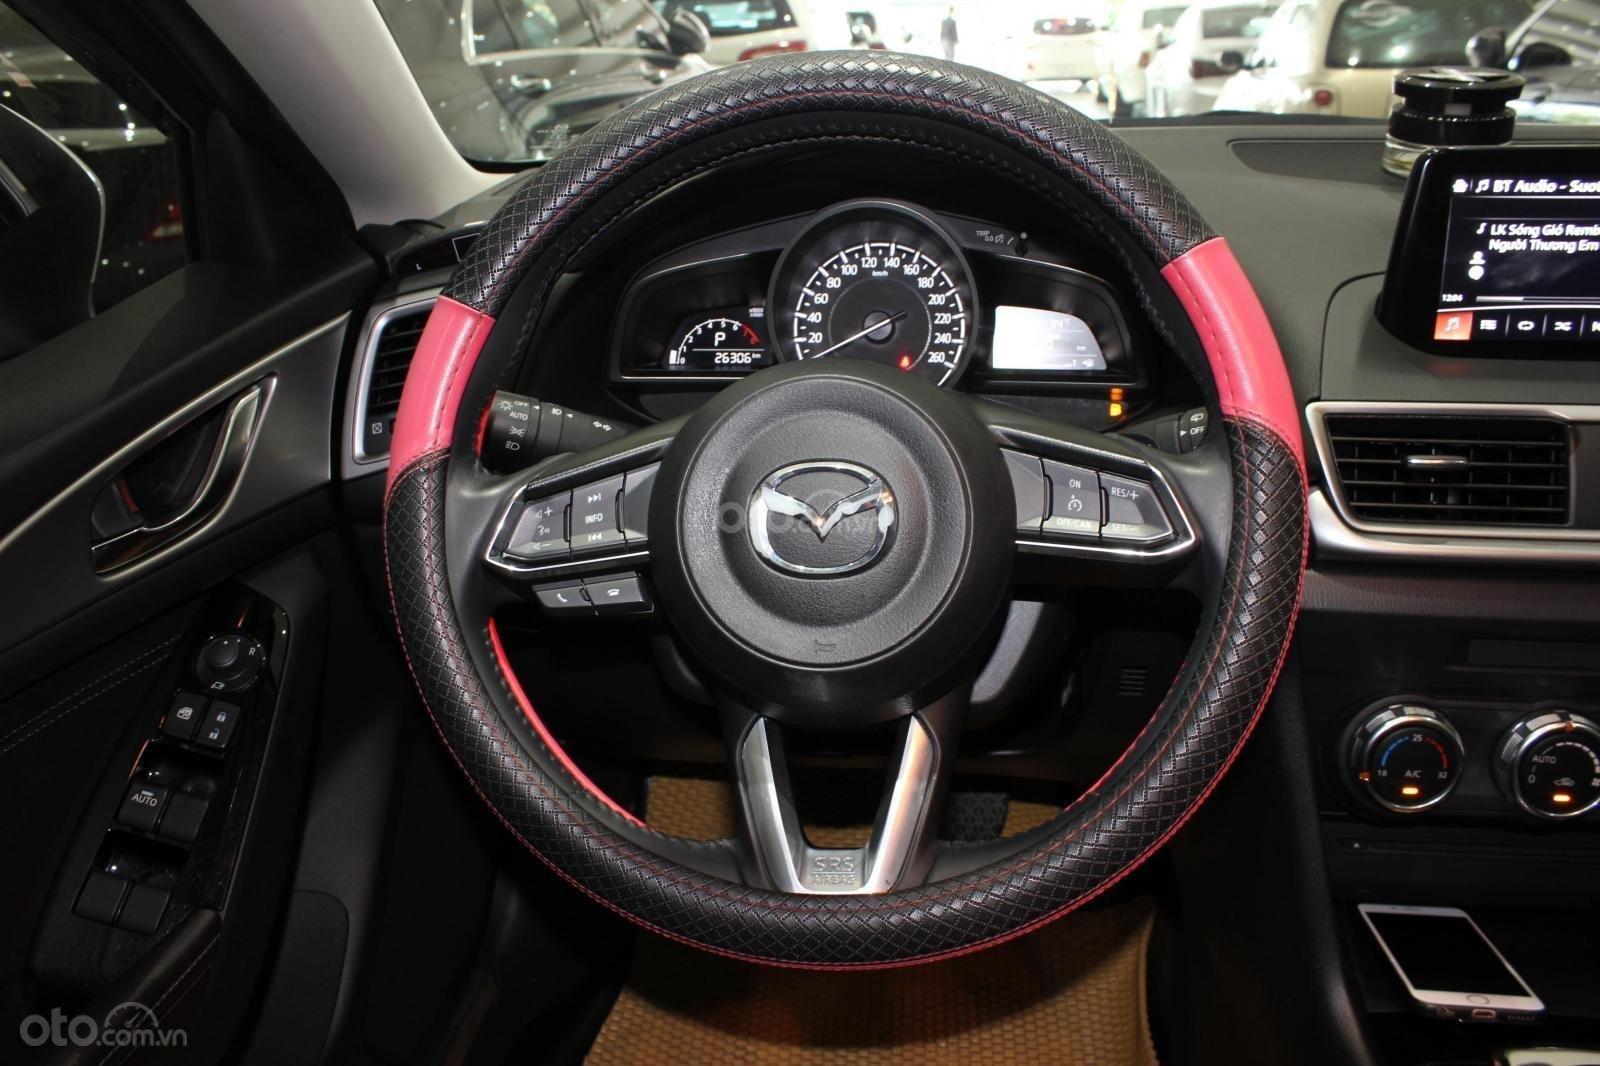 Chính chủ cần bán Mazda 3 2017 bản hatchback màu trắng, số tự động, full option (12)